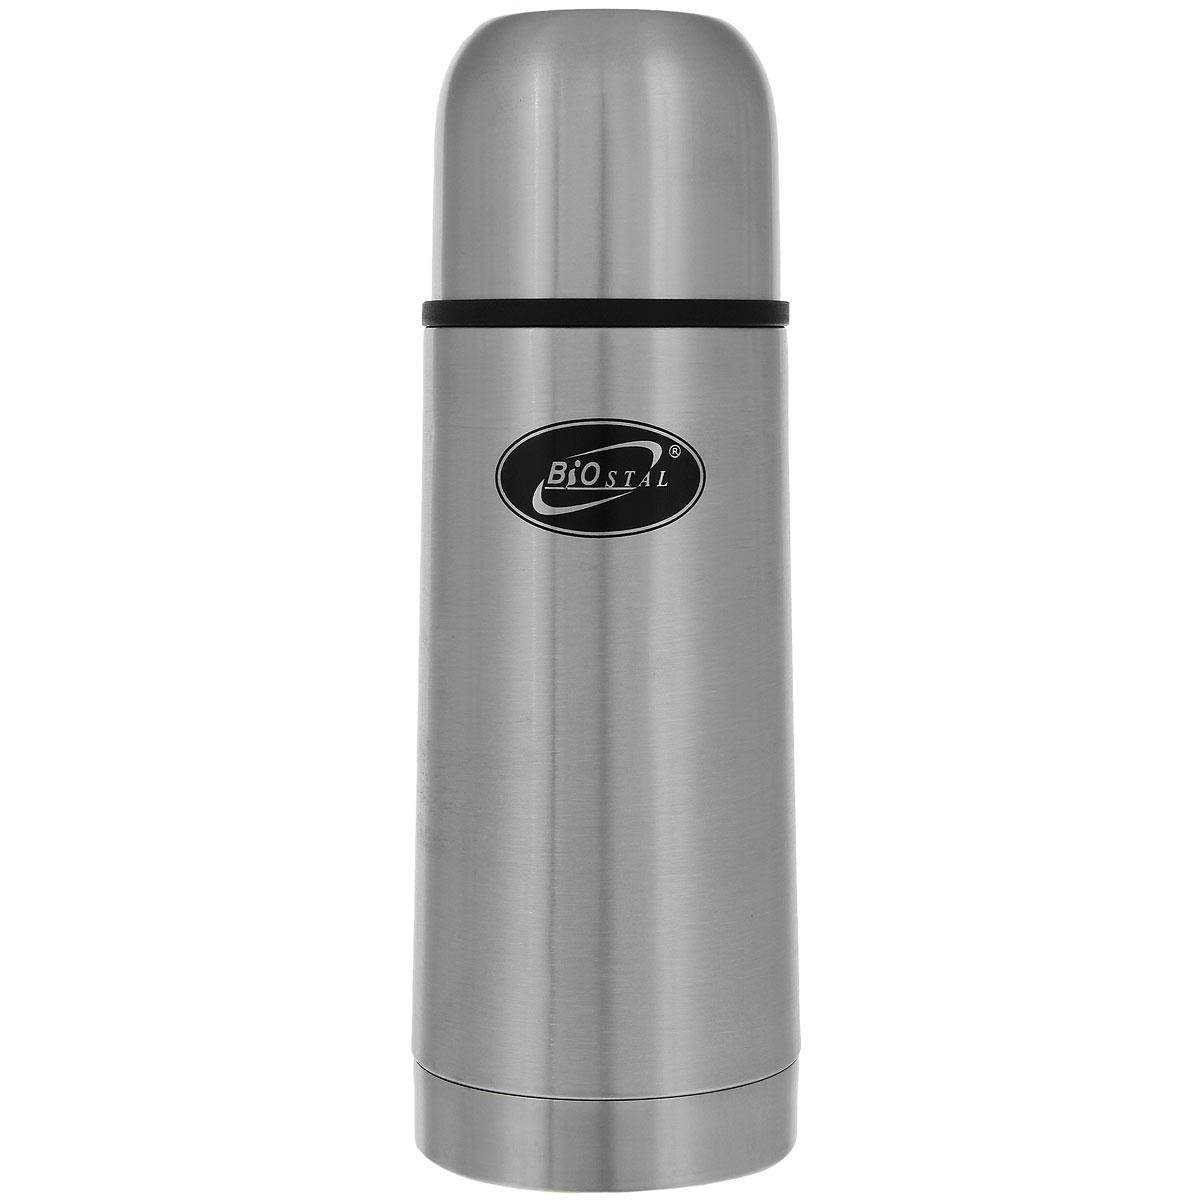 Термос Biostal, 350 мл. NB-350NB-350Термос с узким горлом Biostal NВ-350 относится к классической серии. Термосы этой серии, являющейся лидером продаж, просты в использовании, экономичны и многофункциональны. Термос предназначен для хранения горячих и холодных напитков (чая, кофе и пр.) и укомплектован двумя пробками (вторая пробка в подарок): пробка без кнопки надежна, проста в использовании и позволяет дольше сохранять тепло благодаря дополнительной теплоизоляции, пробка с кнопкой удобна в использовании и позволяет, не отвинчивая ее, наливать напитки после простого нажатия на кнопку.Особенности термоса:Легкий и прочный.Сохраняет напитки горячими или холодными долгое время.Изготовлен из высококачественной нержавеющей стали.